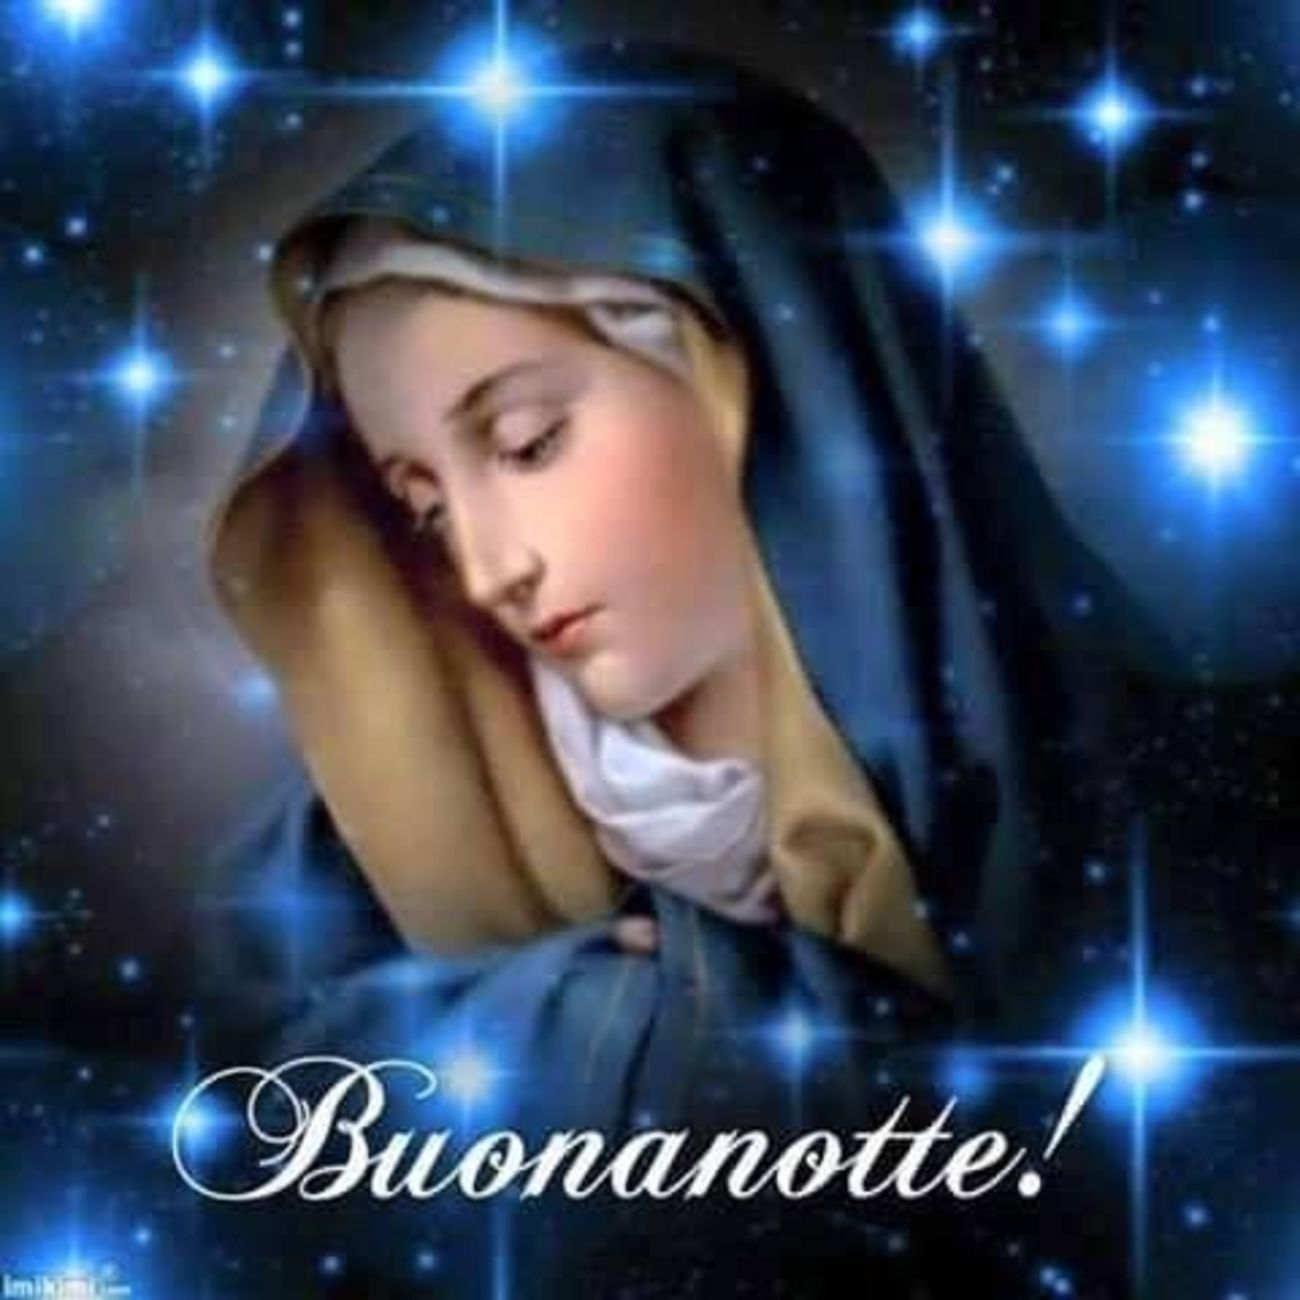 Buona Notte immagini religiose 6442